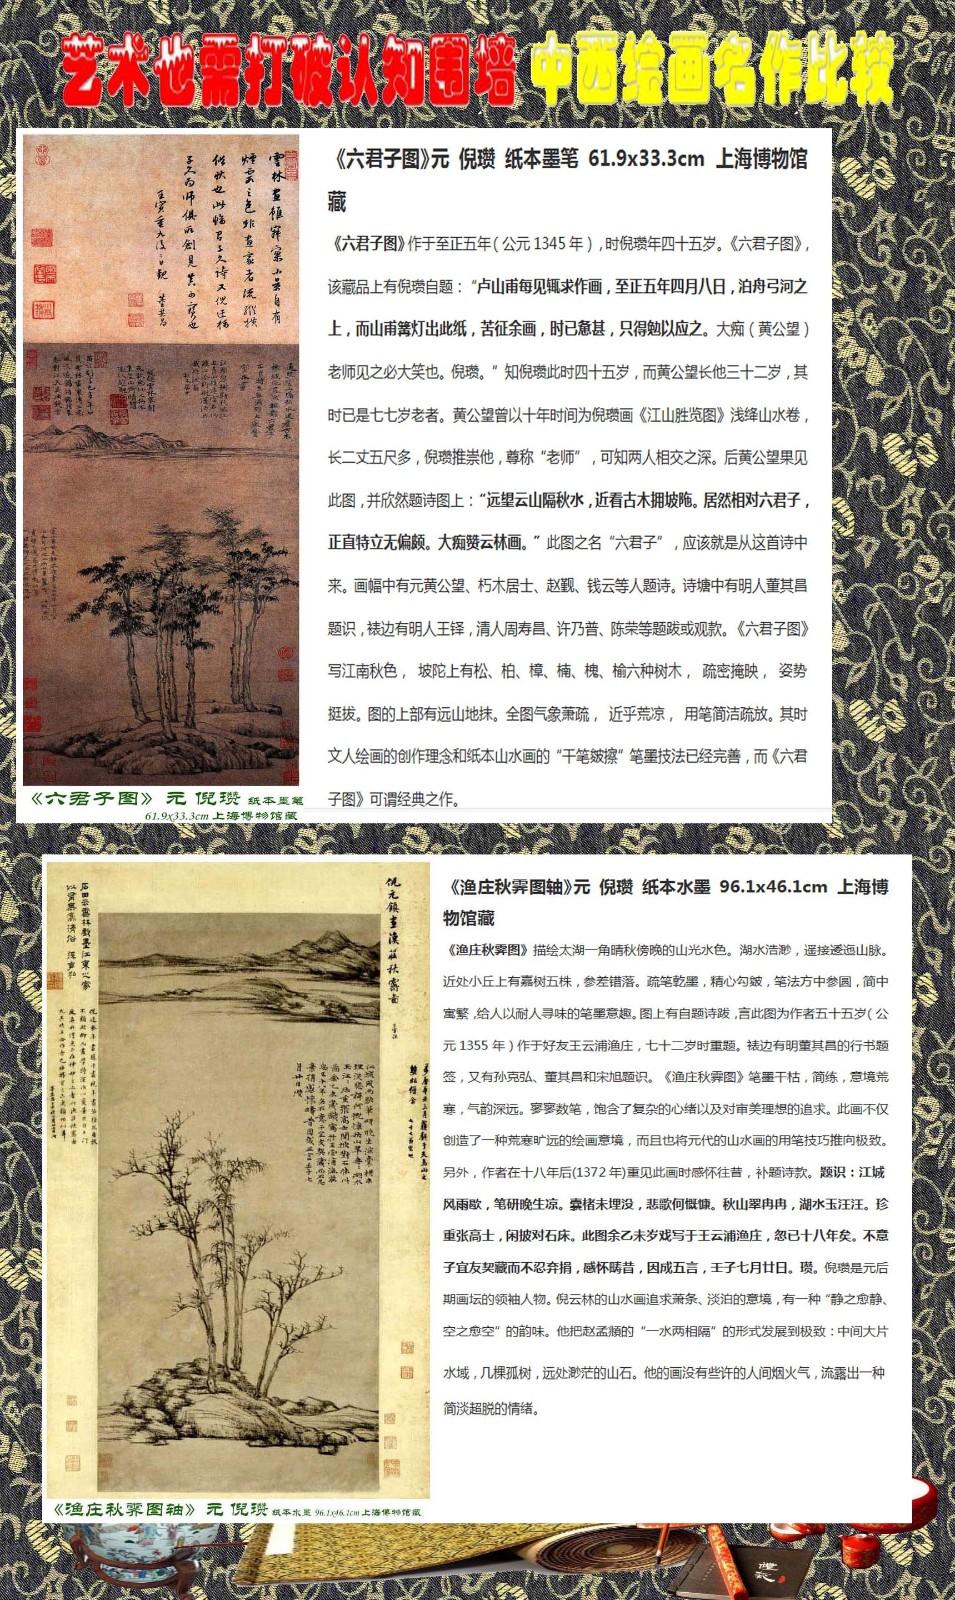 艺术需打破认知围墙  中西绘画名作比较_图1-12